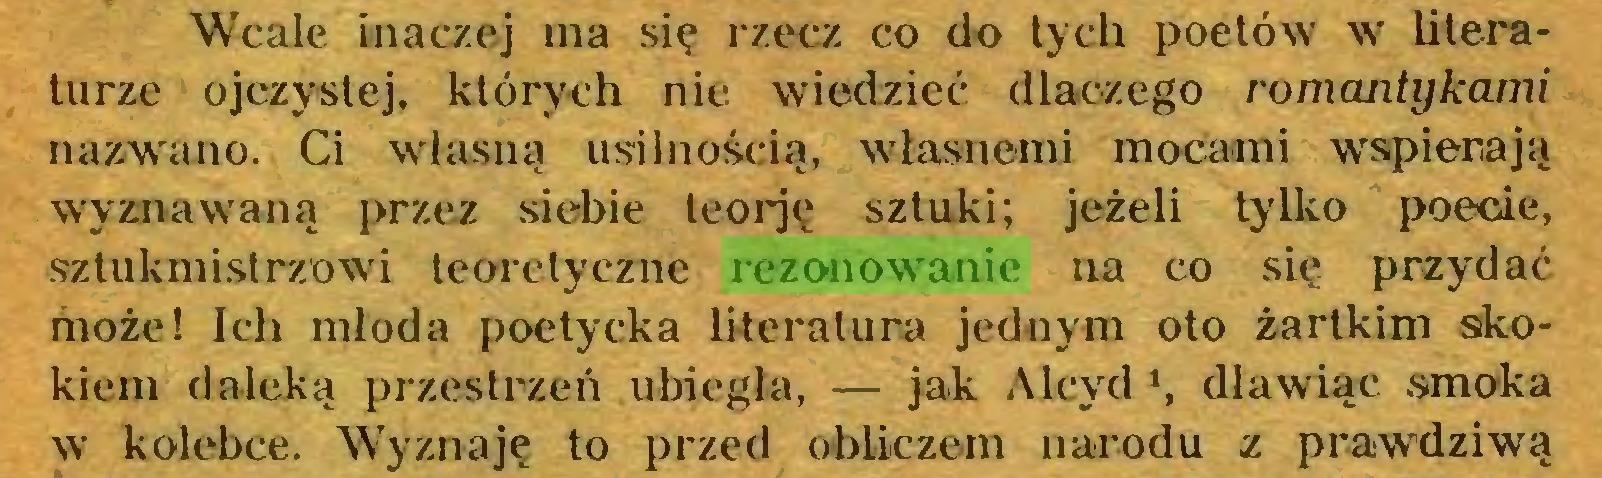 (...) Wcale inaczej ma się rzecz co do tych poetów w literaturze ojczystej, których nie wiedzieć dlaczego romantykami nazwano. Ci własną usilnością, własnemi mocami wspierają wyznawaną przez siebie teorję sztuki; jeżeli tylko poecie, sztukmistrzowi teoretyczne rezonowanie na co się przydać może! Ich młoda poetycka literatura jednym oto żartkim skokiem daleką przestrzeń ubiegła, — jak Alcyd *, dławiąc smoka w kolebce. Wyznaję to przed obliczem narodu z prawdziwą...